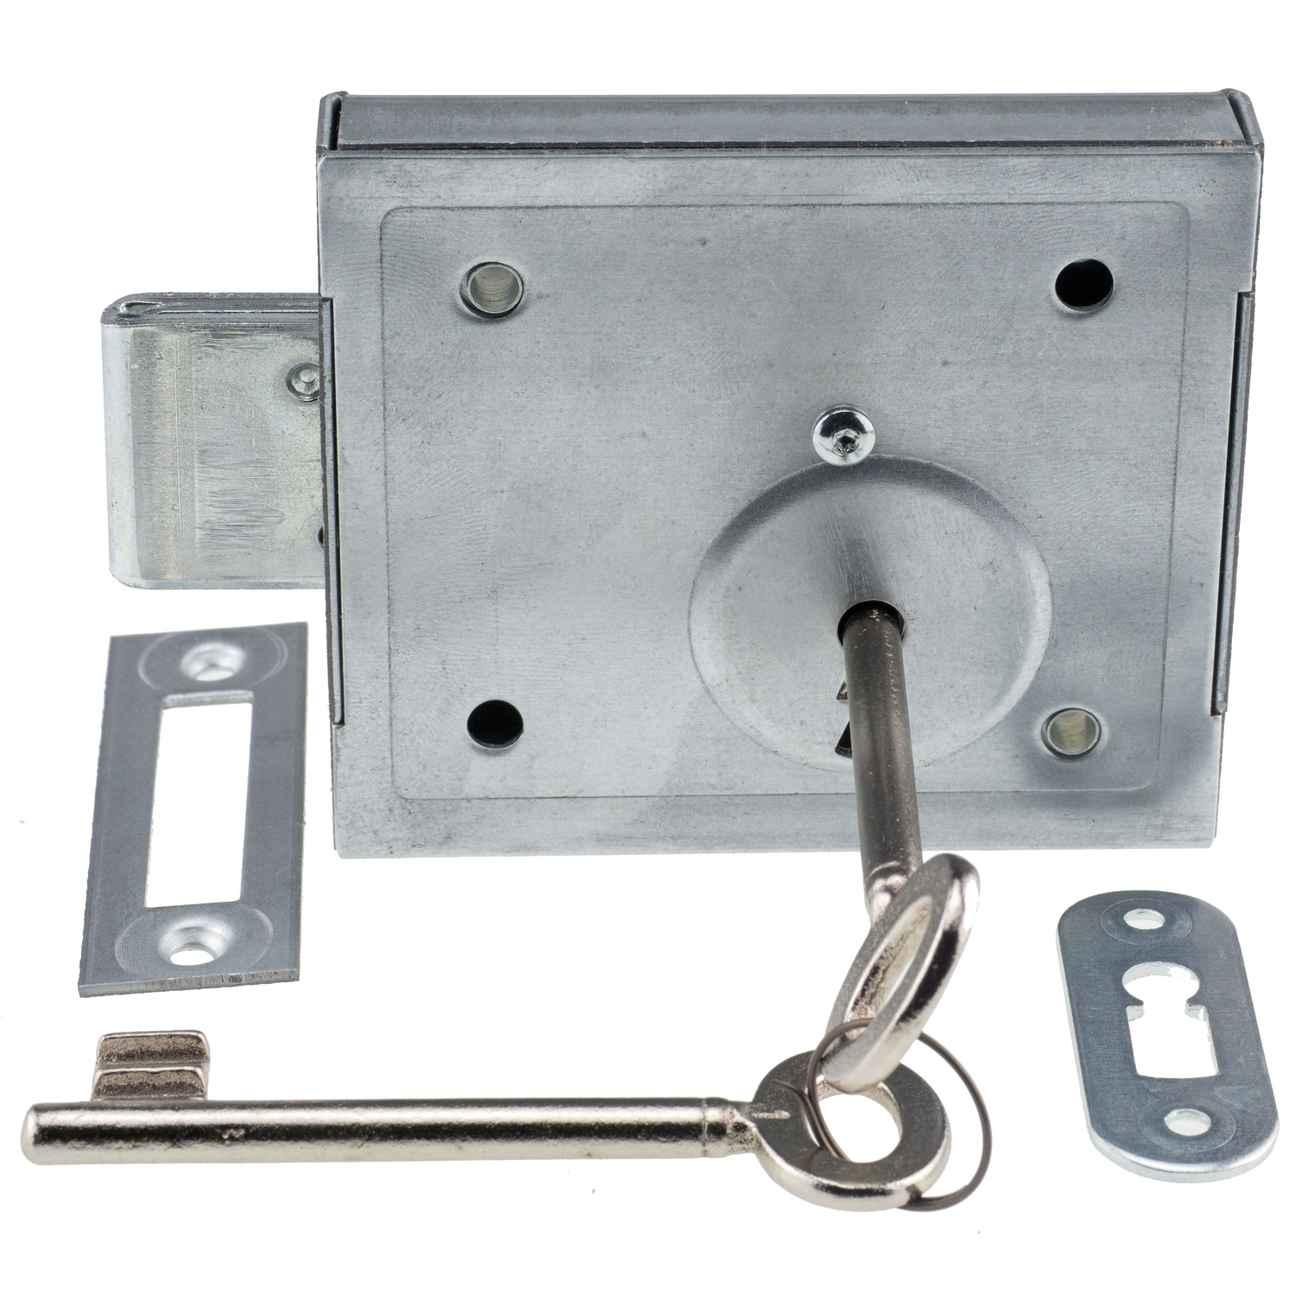 Kellerriegelschloss Aufschraubschloss mit Buntbartschlüssel 150 B Dornmaß 60 – Bild 1